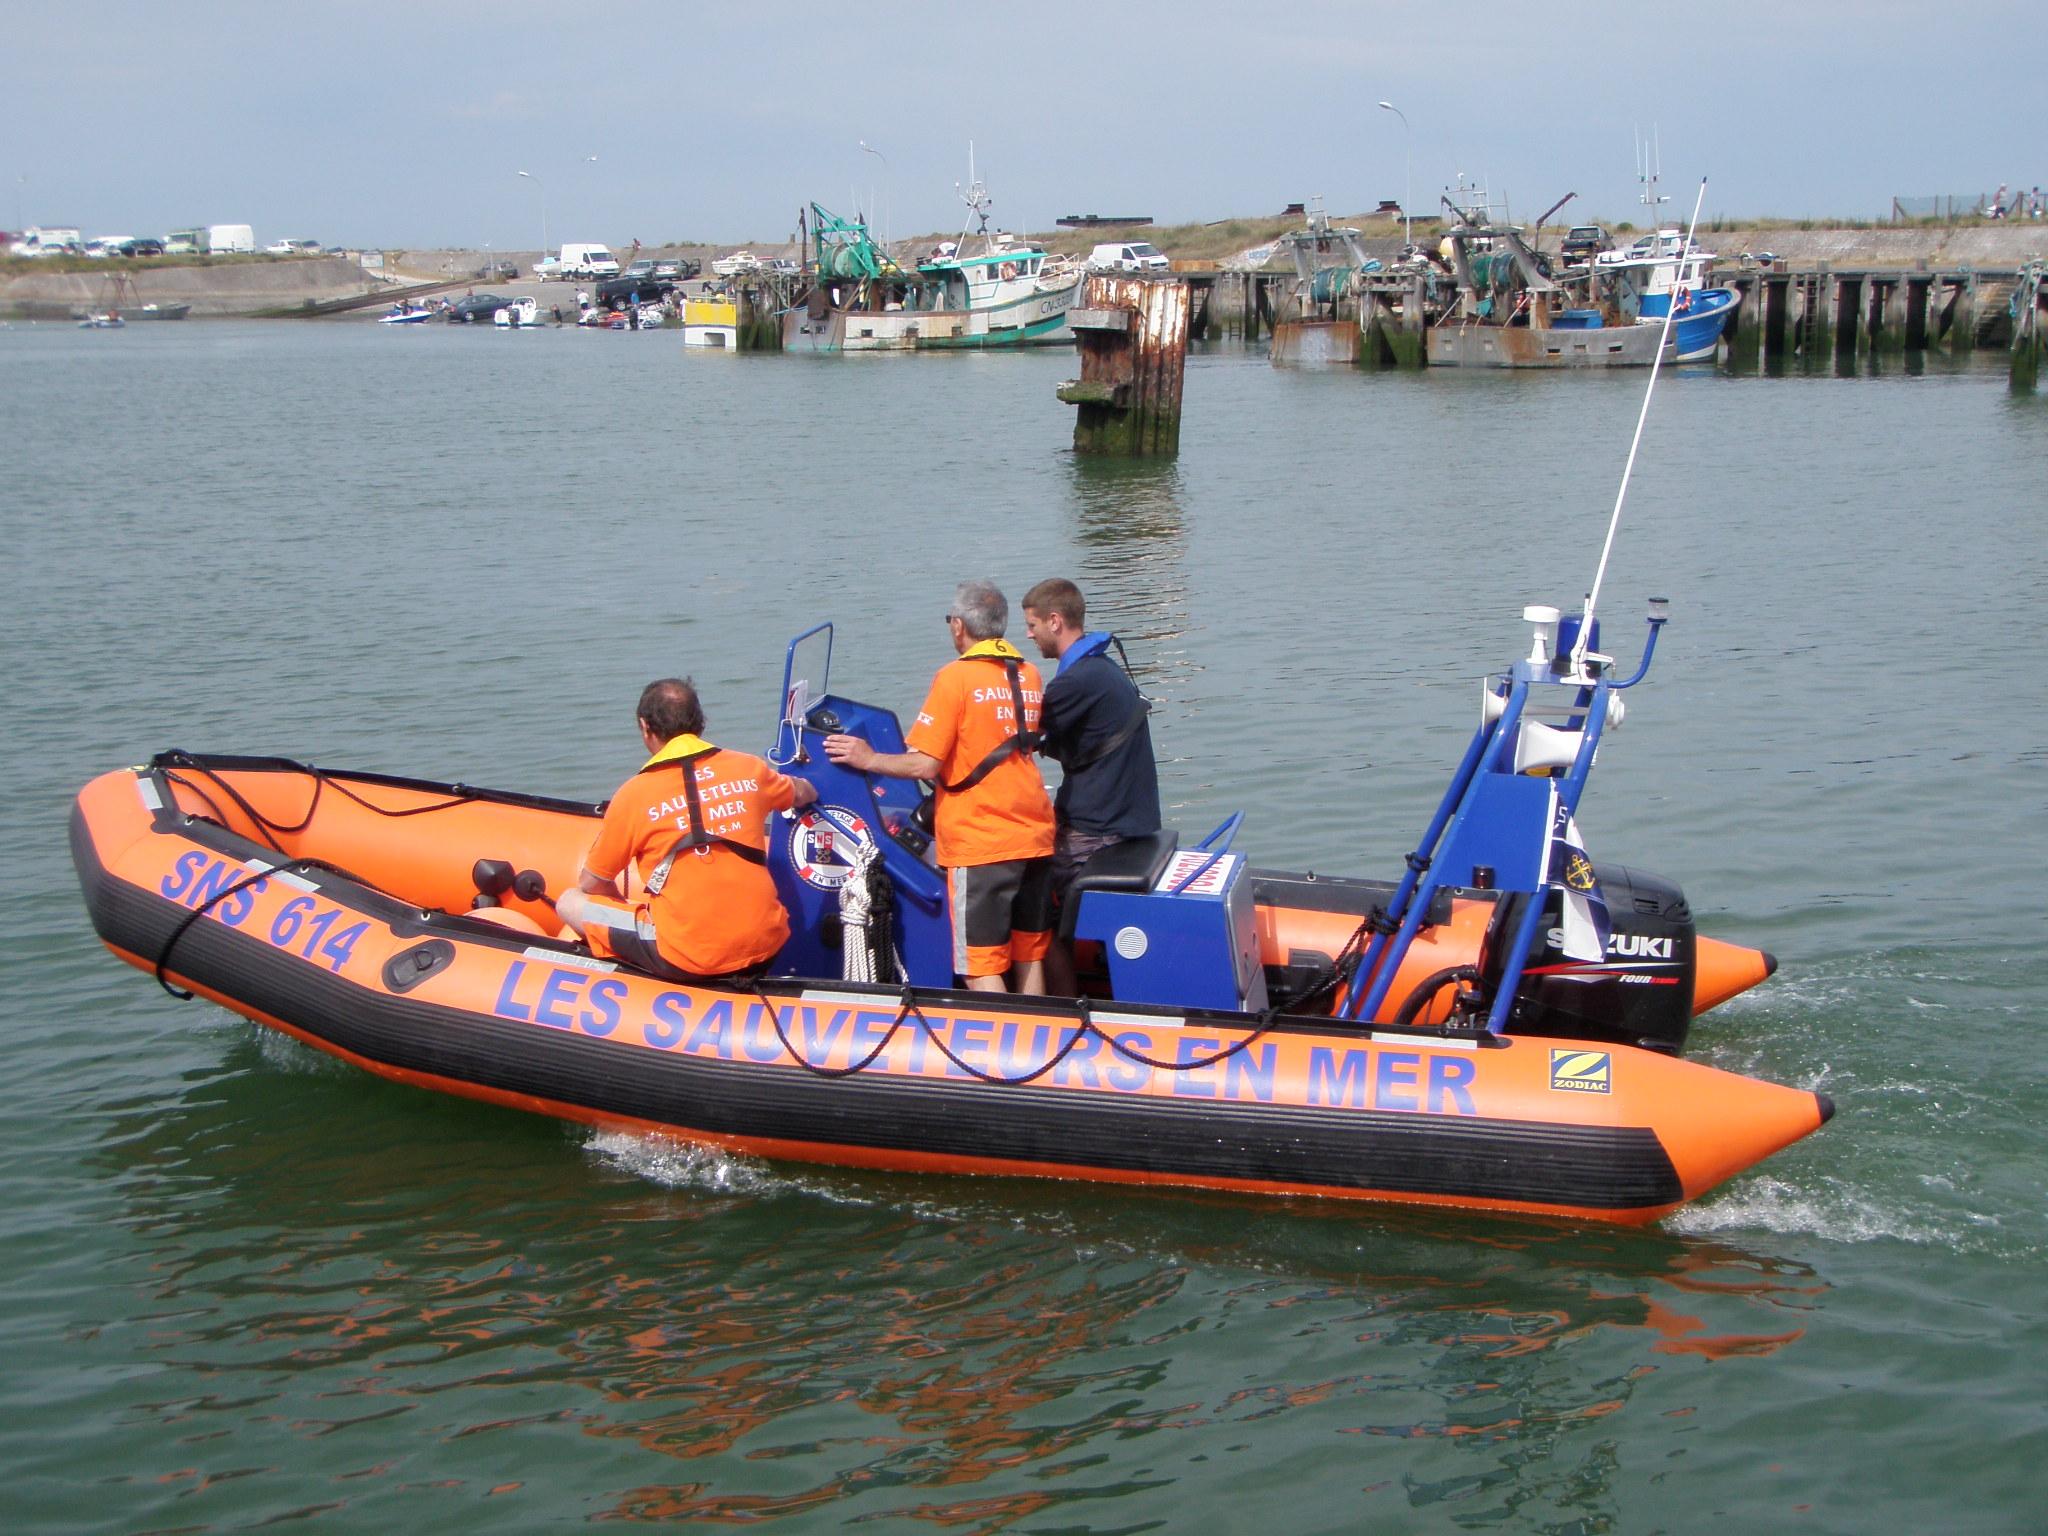 L'embarcation semi-rigide des sauveteurs en mer de la SNSM de Ouistreham ont participé aux recherches (Photo d'illustration)